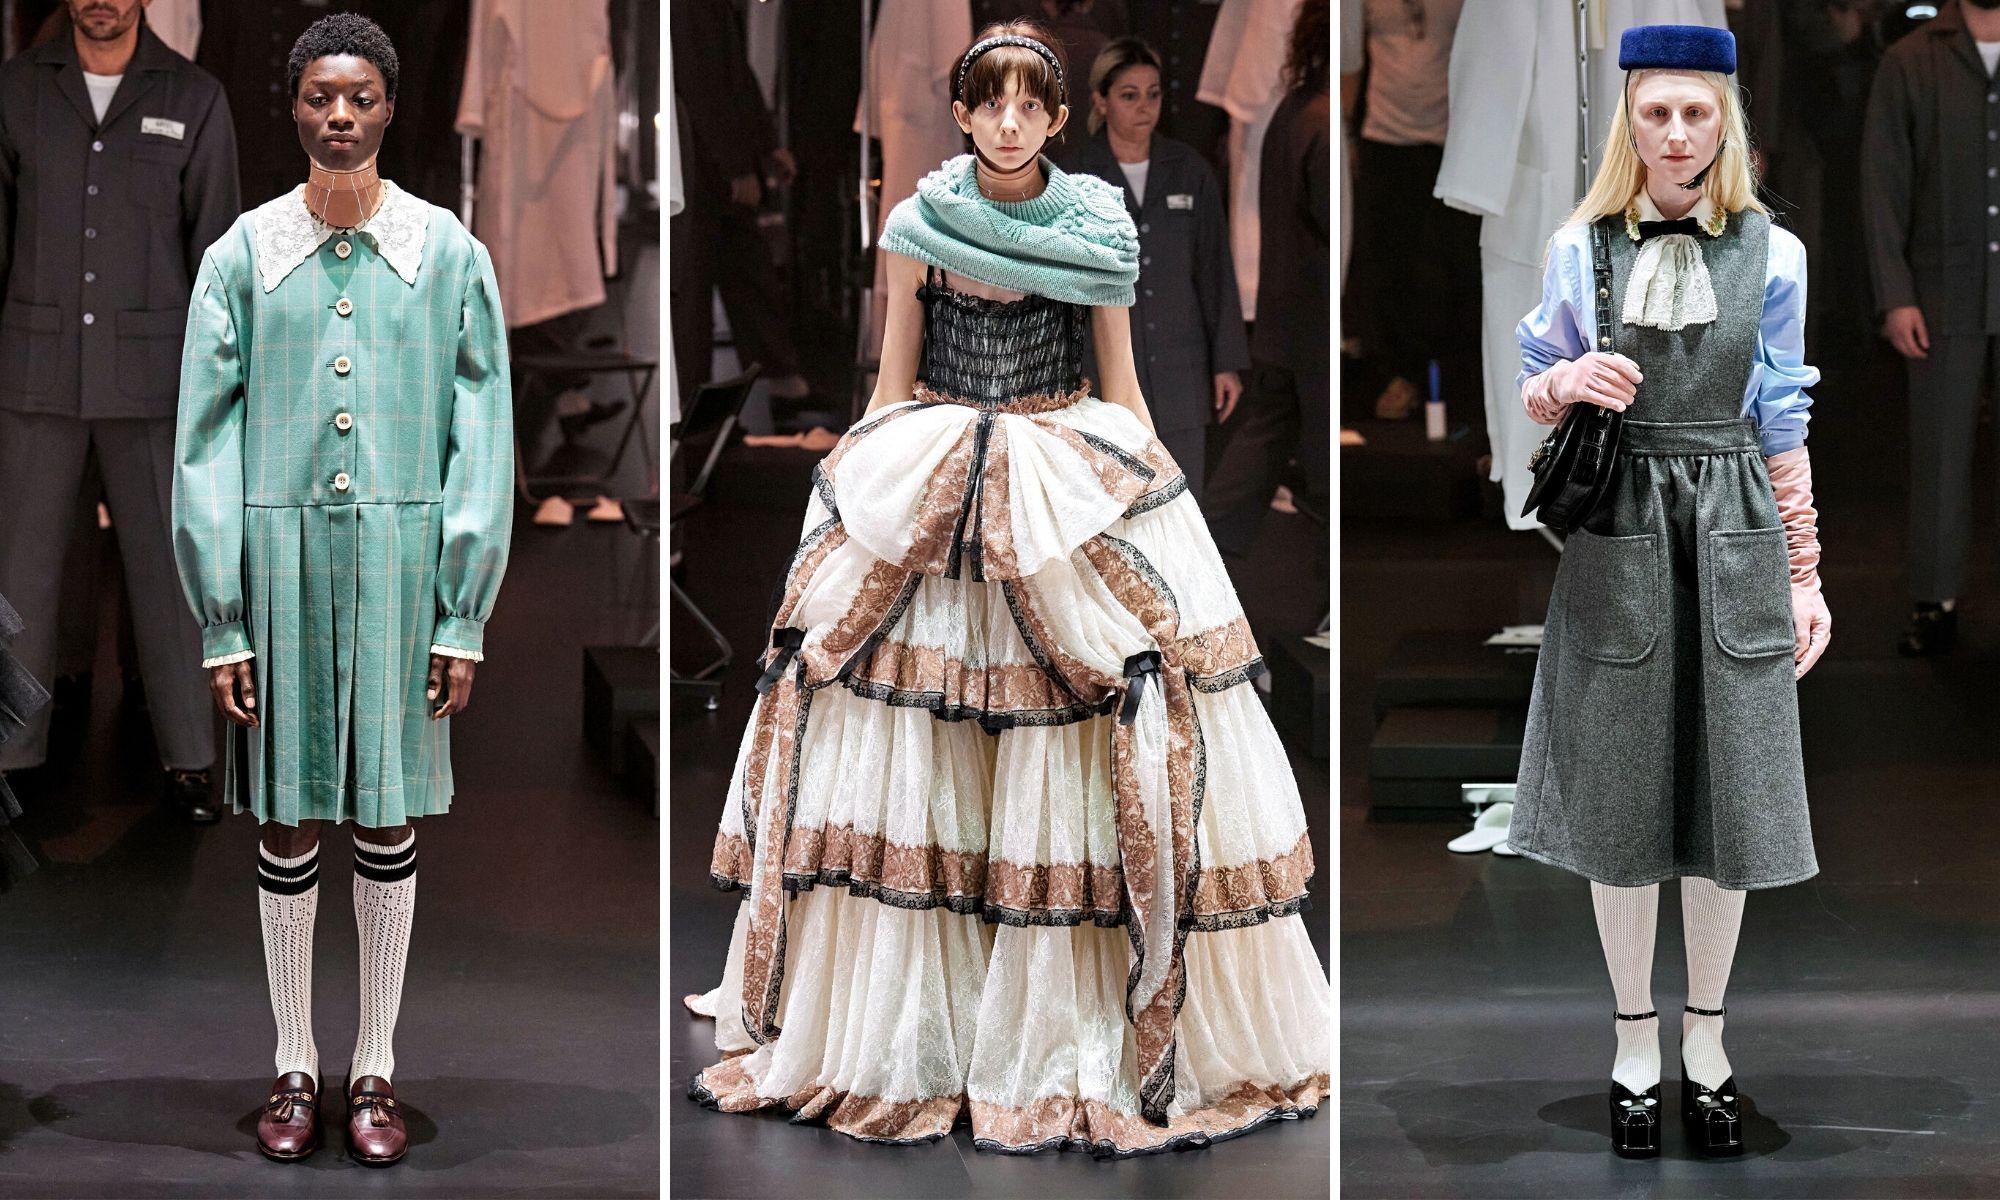 bst gucci thu đông 2020 tuần lễ thời trang milan